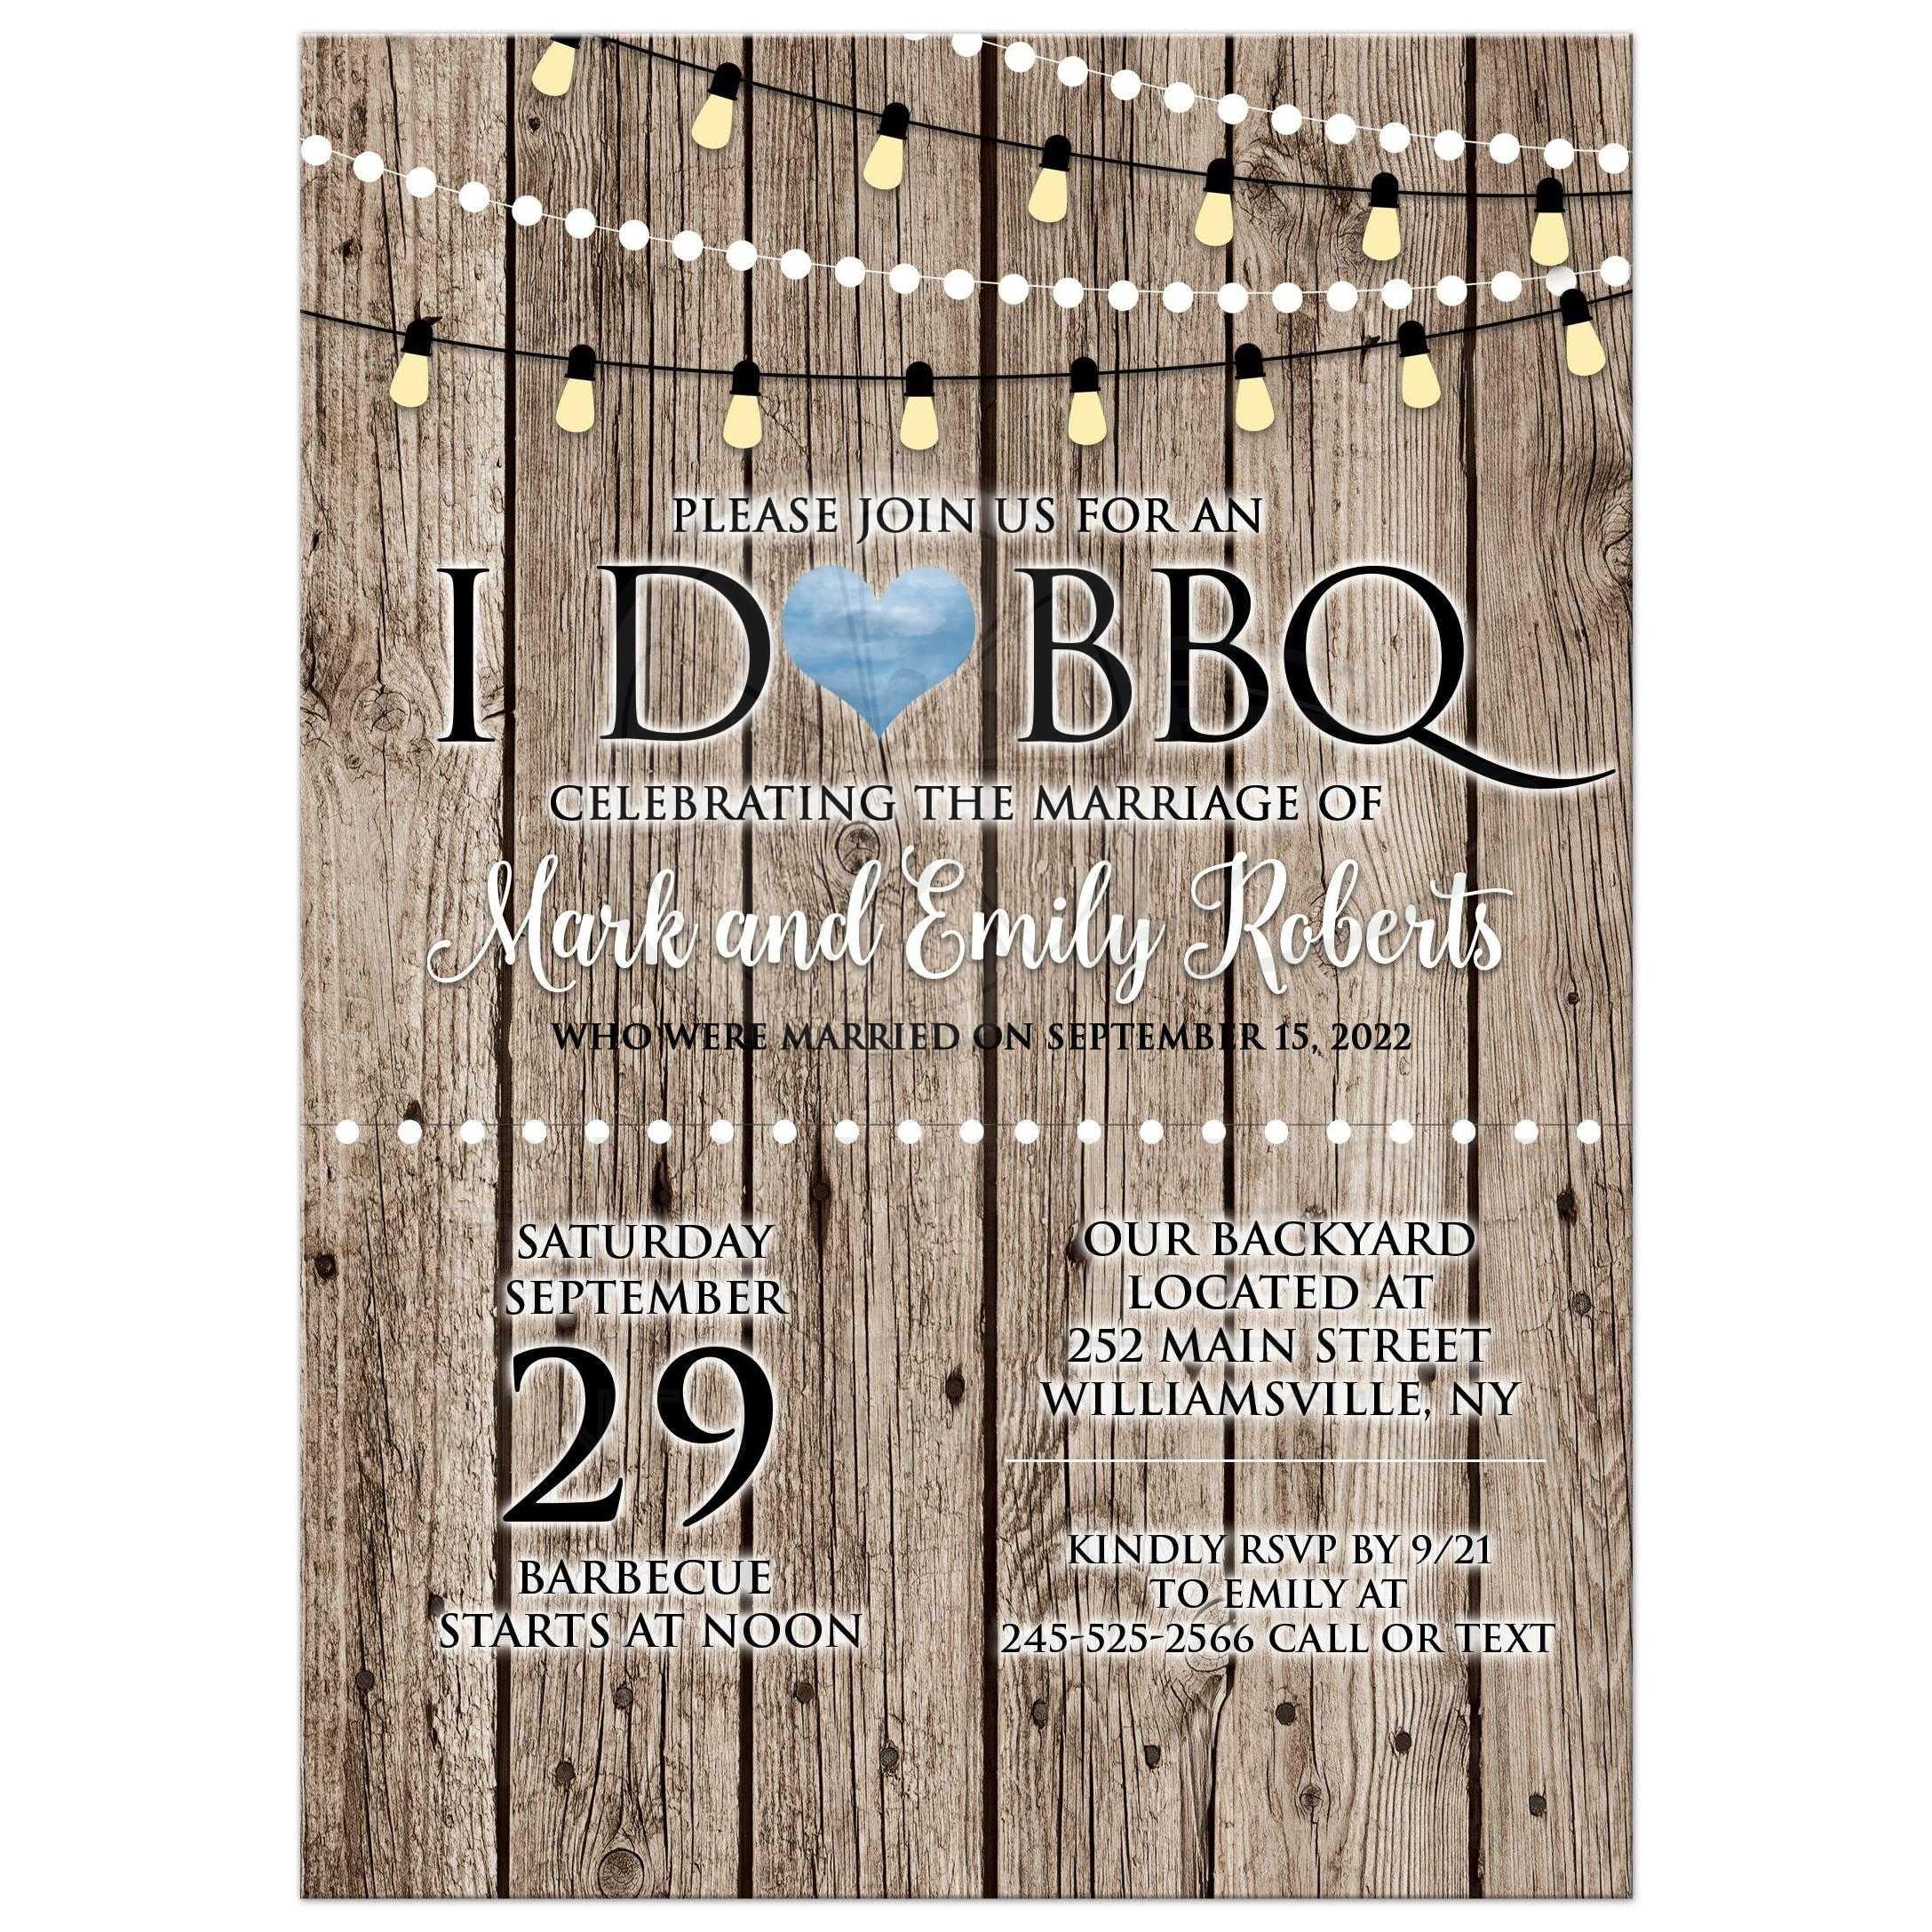 I Do BBQ Barbecue Rustic Post Wedding Reception Invitation